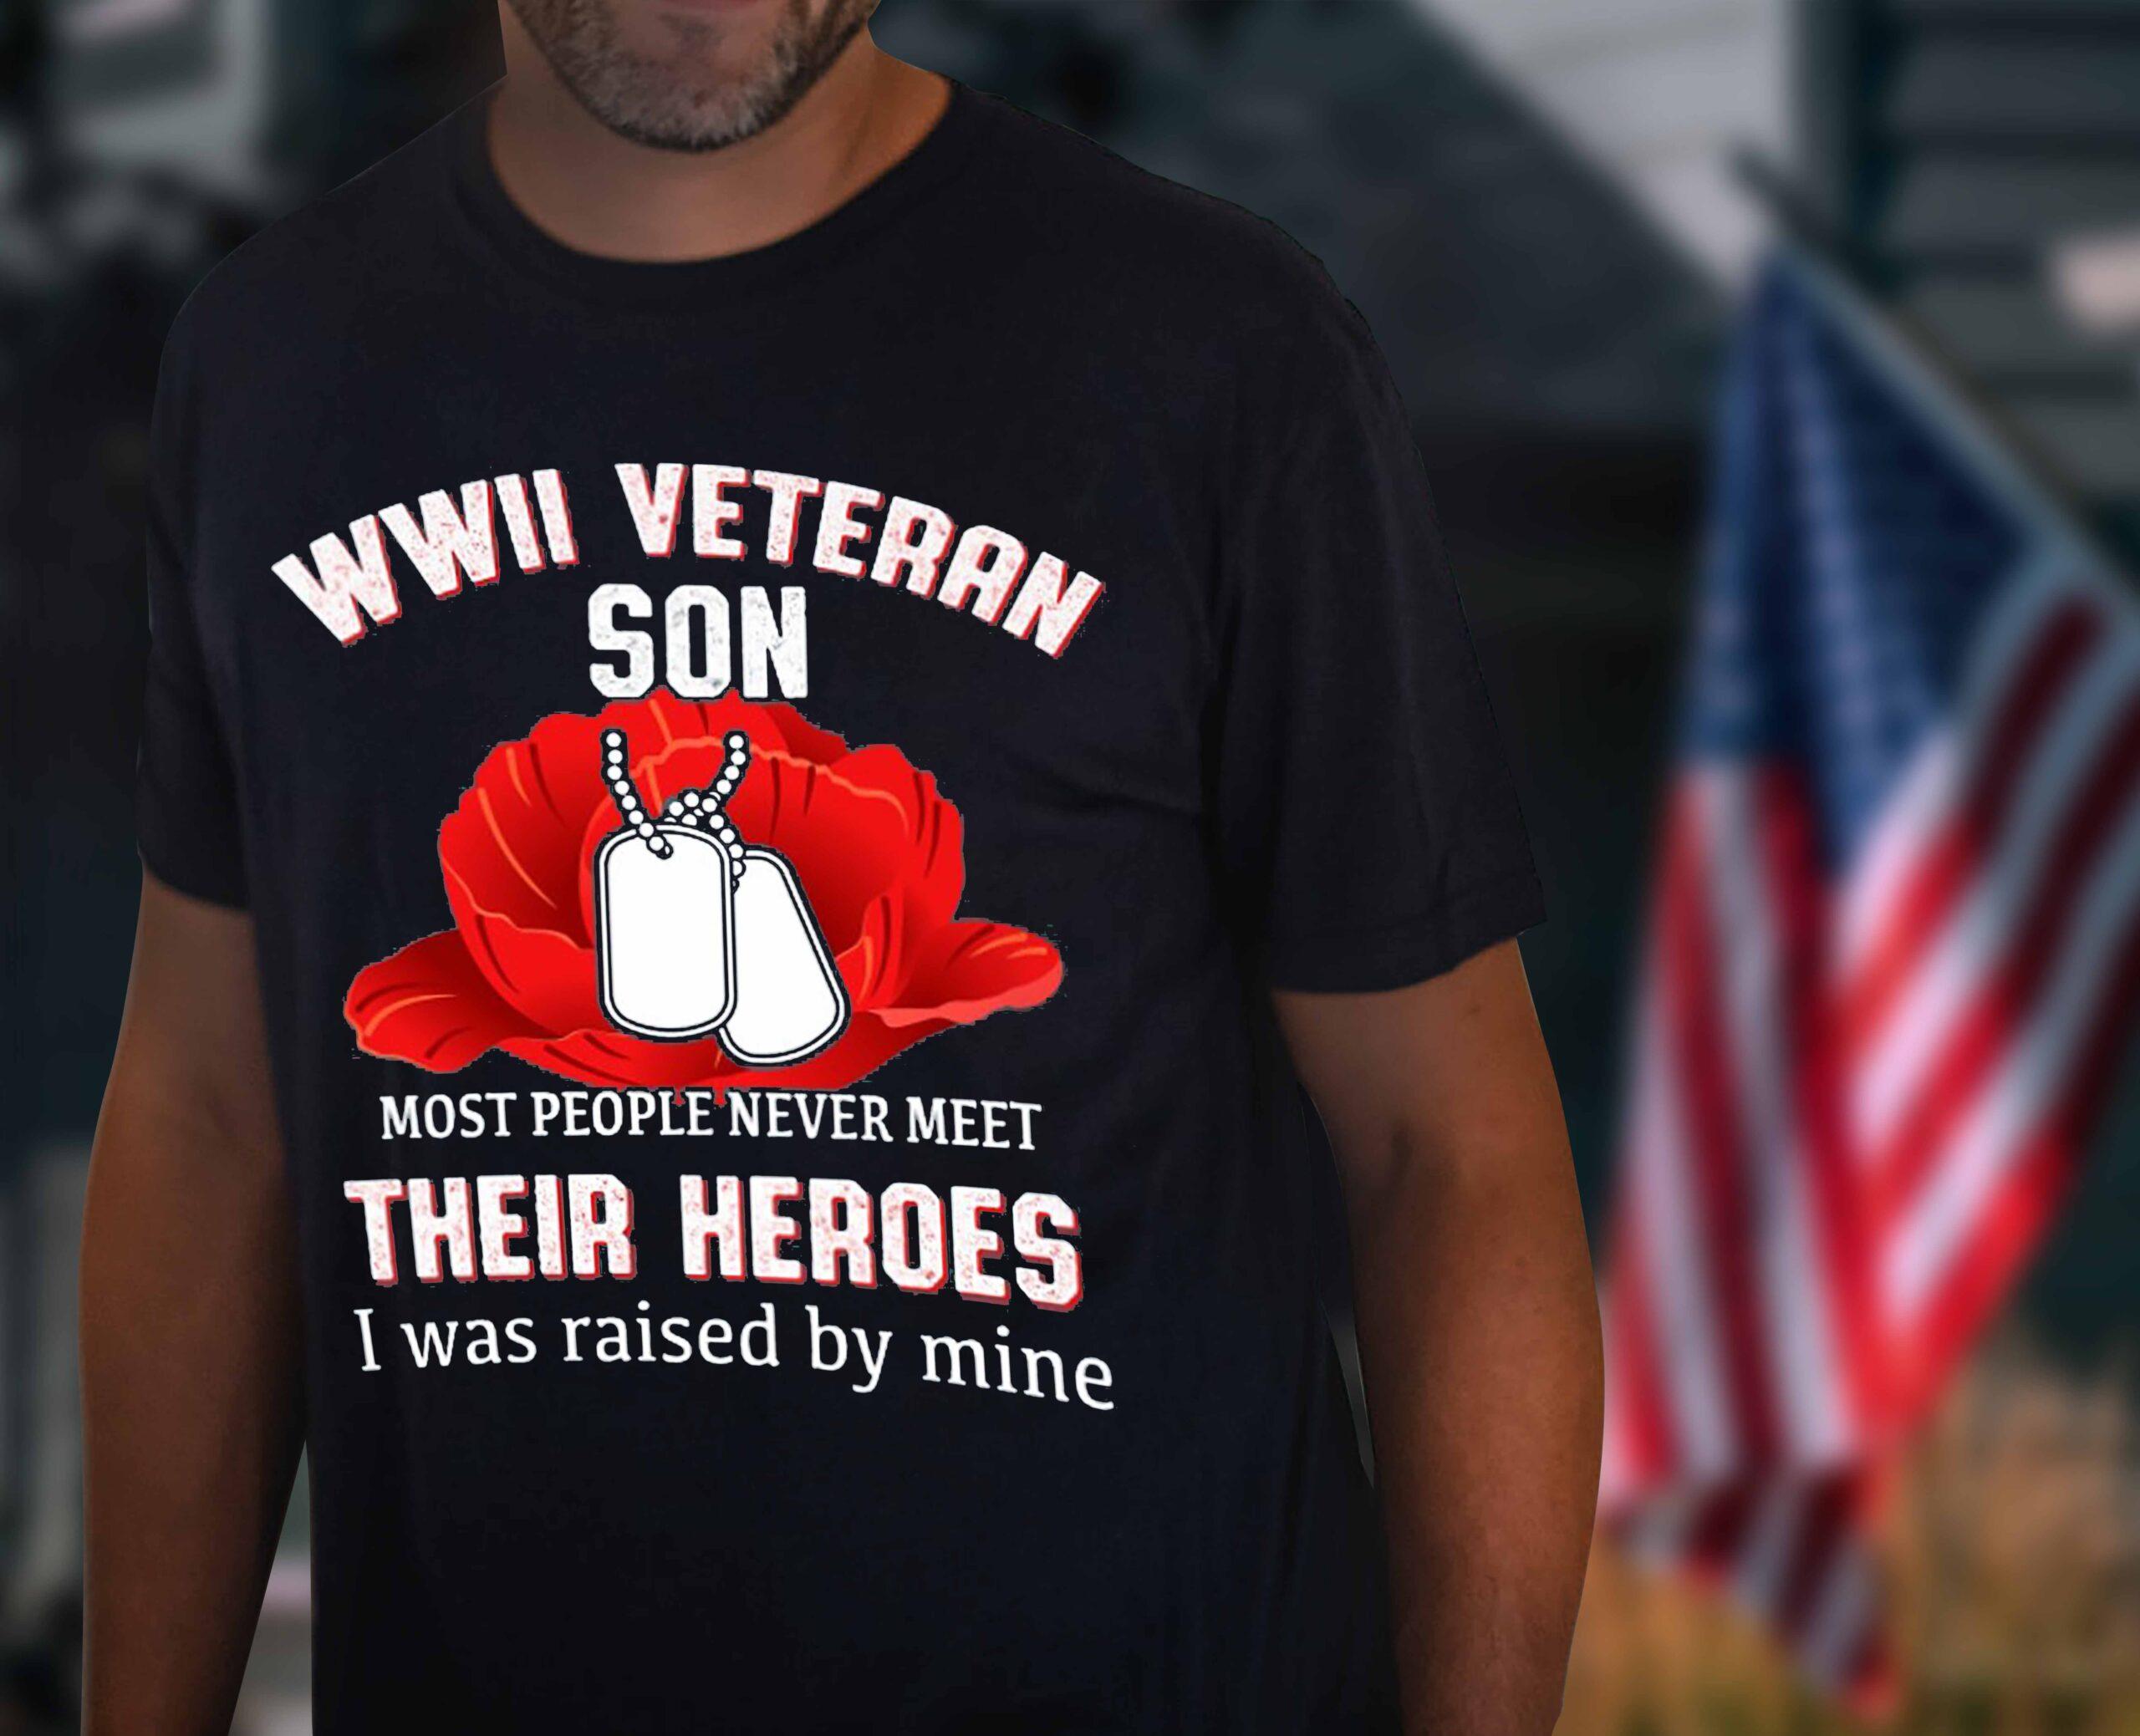 Veteran Shirt WWII Veteran Son Most People Never Meet Heroes